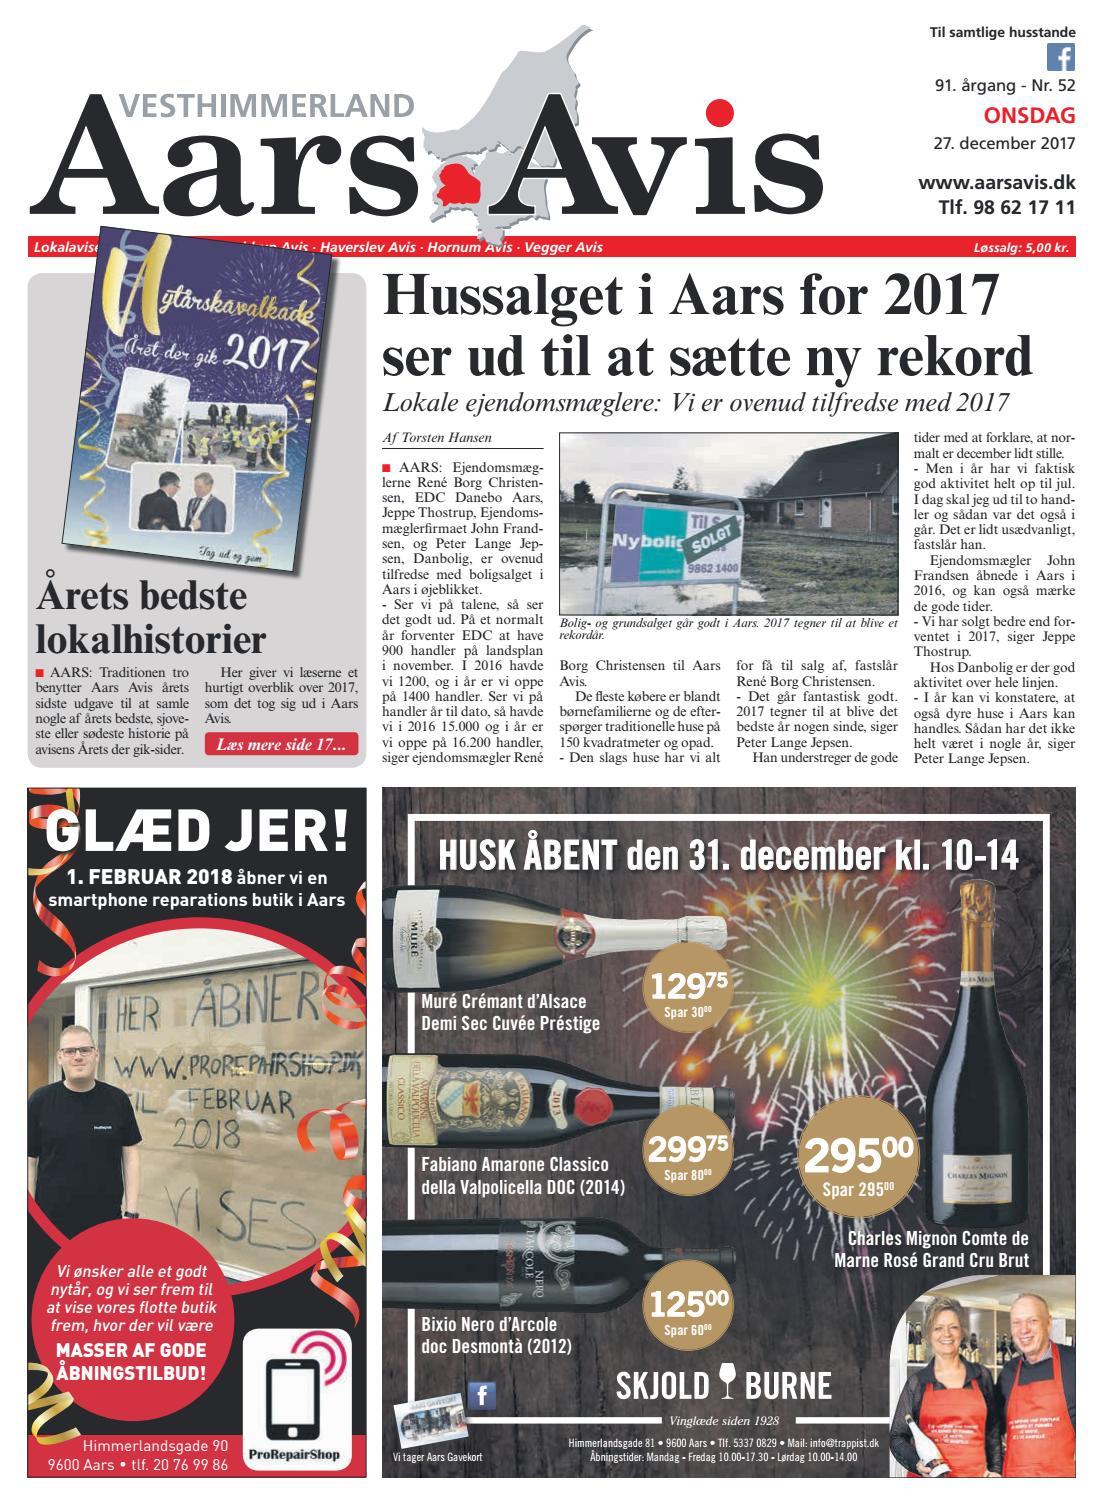 c9a782984e5 Aars Avis nr. 52 - 2017 by Aars Avis - issuu